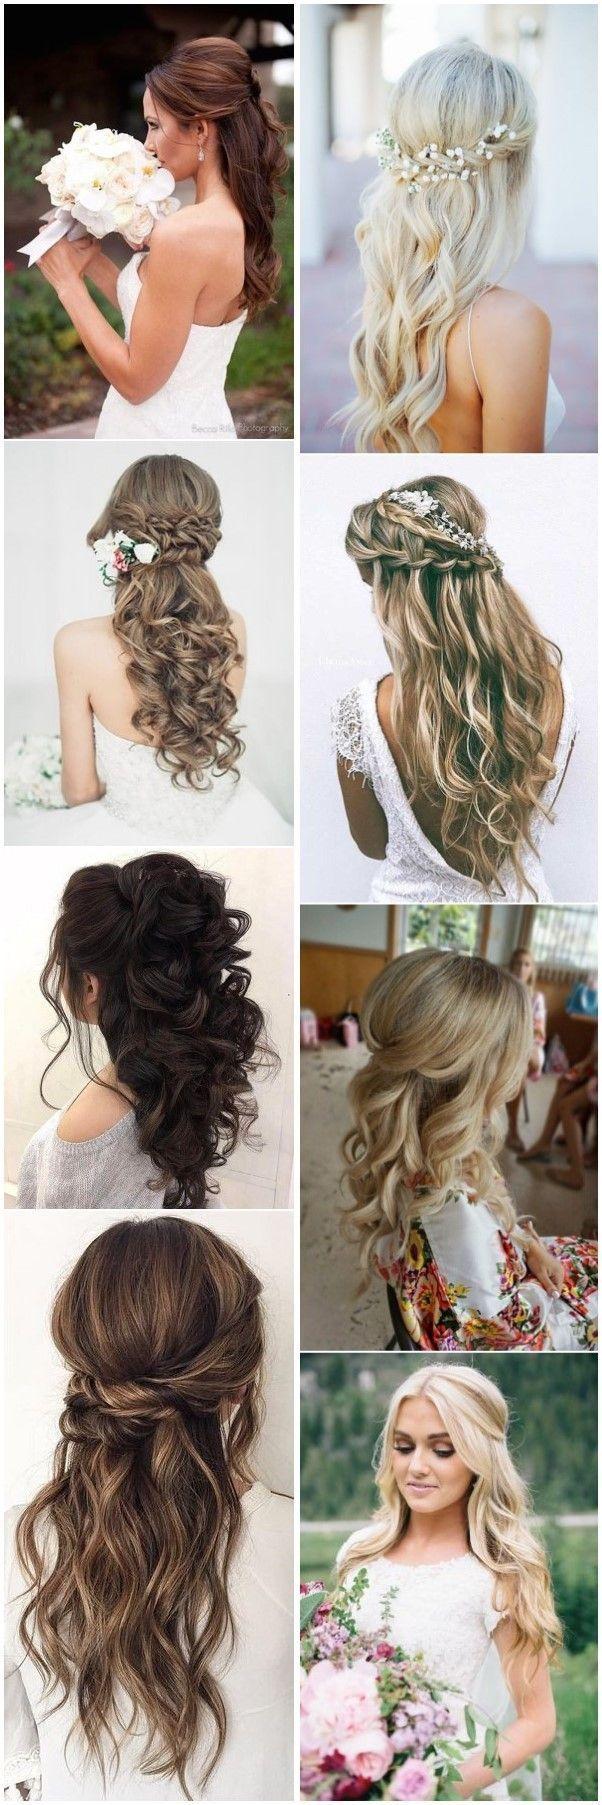 20 Half Up Half Down Hochzeitsfrisuren, die jeder lieben würde #Hochzeiten #Hochzeitshaar …   – Wedding Hairstyles